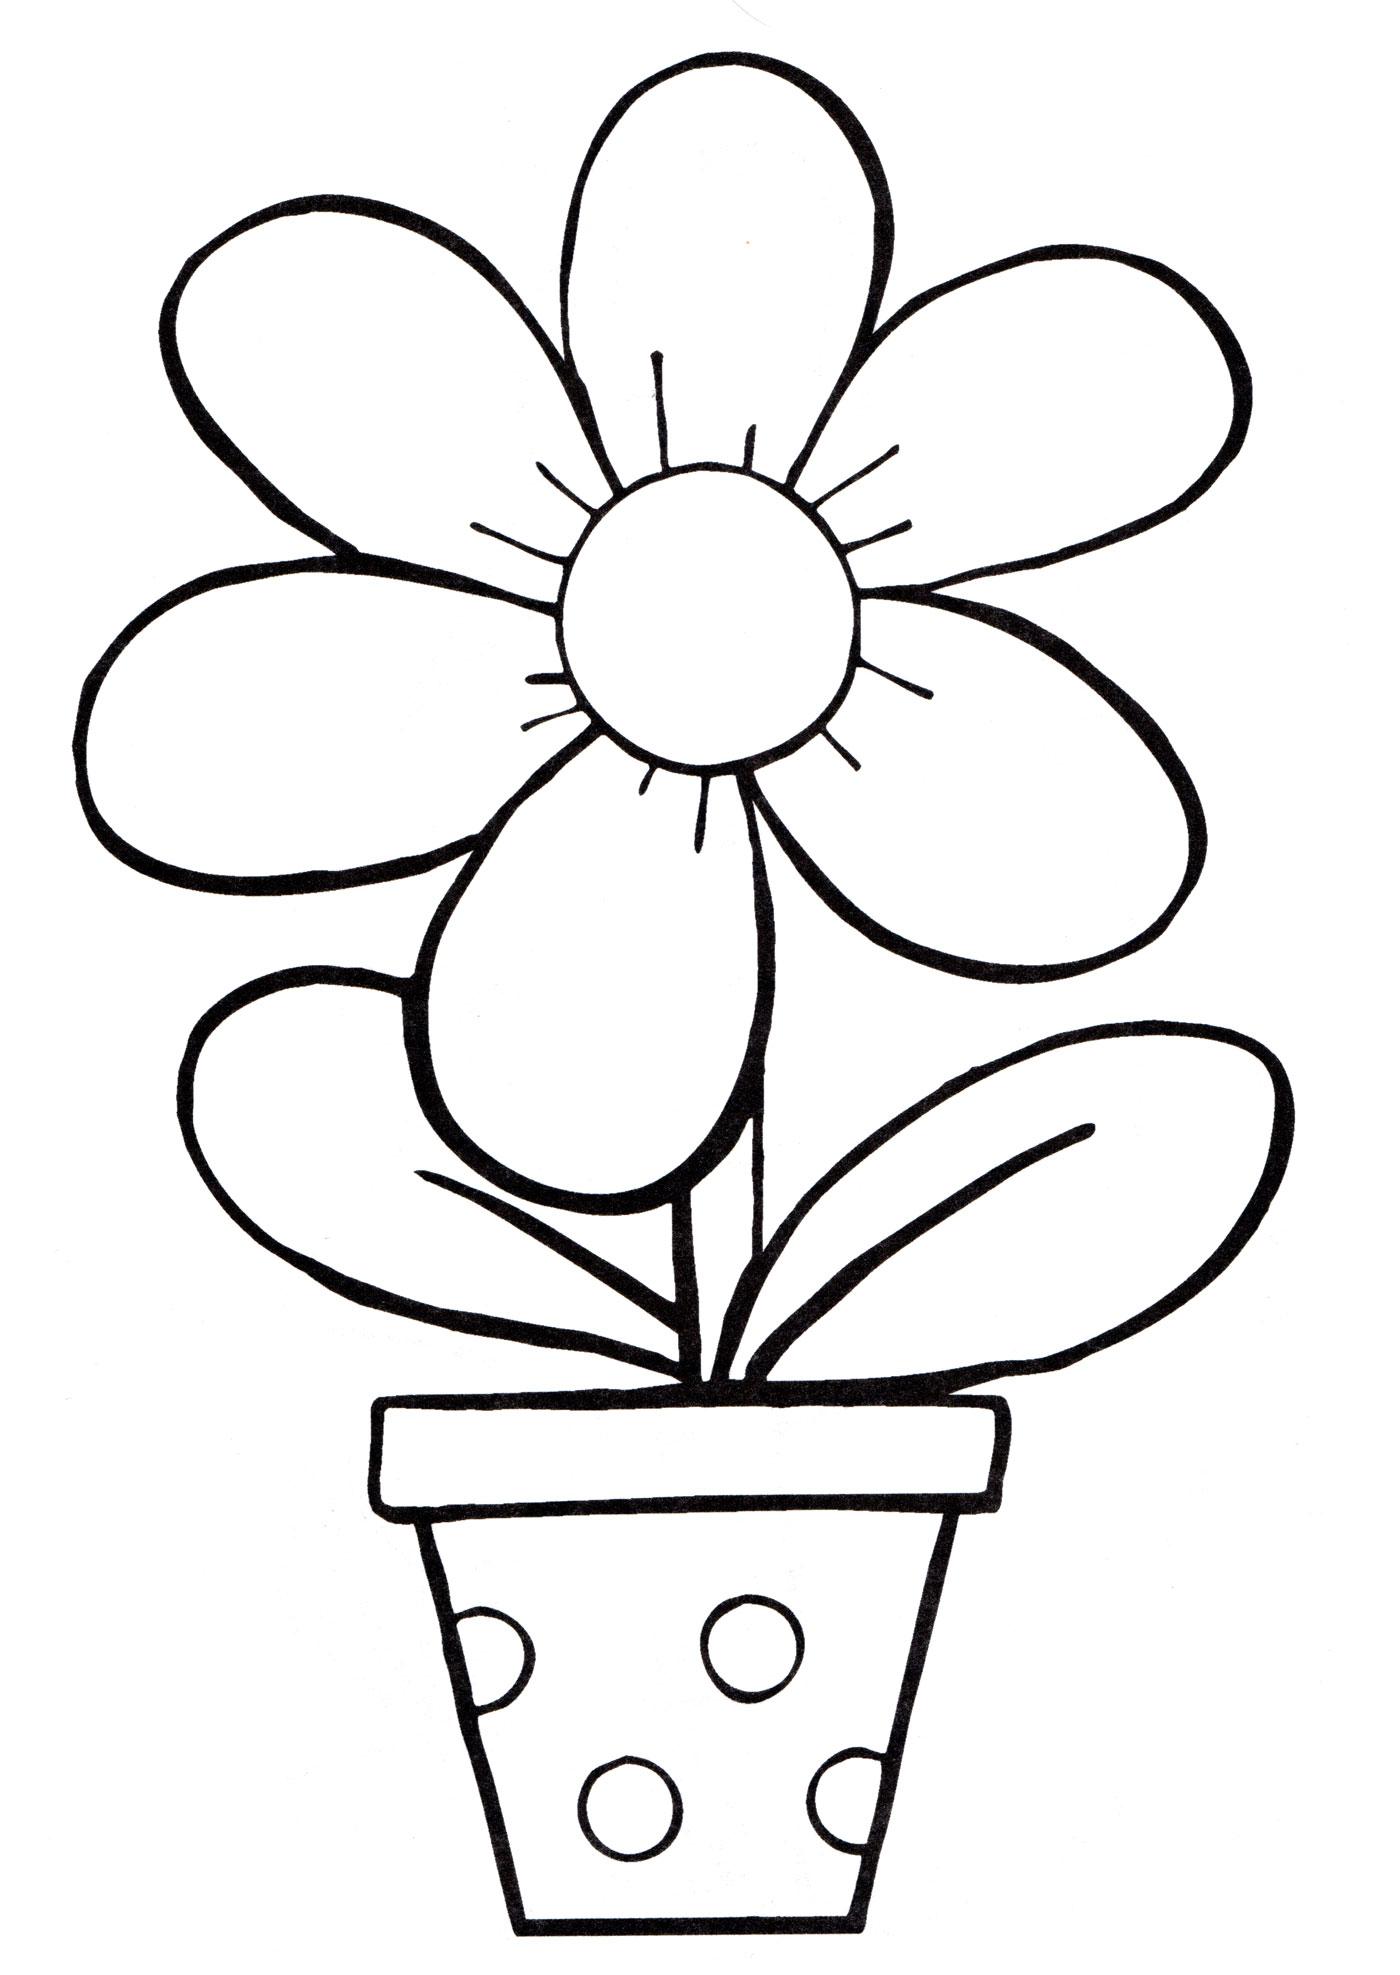 Раскраска Цветы в горшке для раскрашивания Раскраски с комнатными растениями